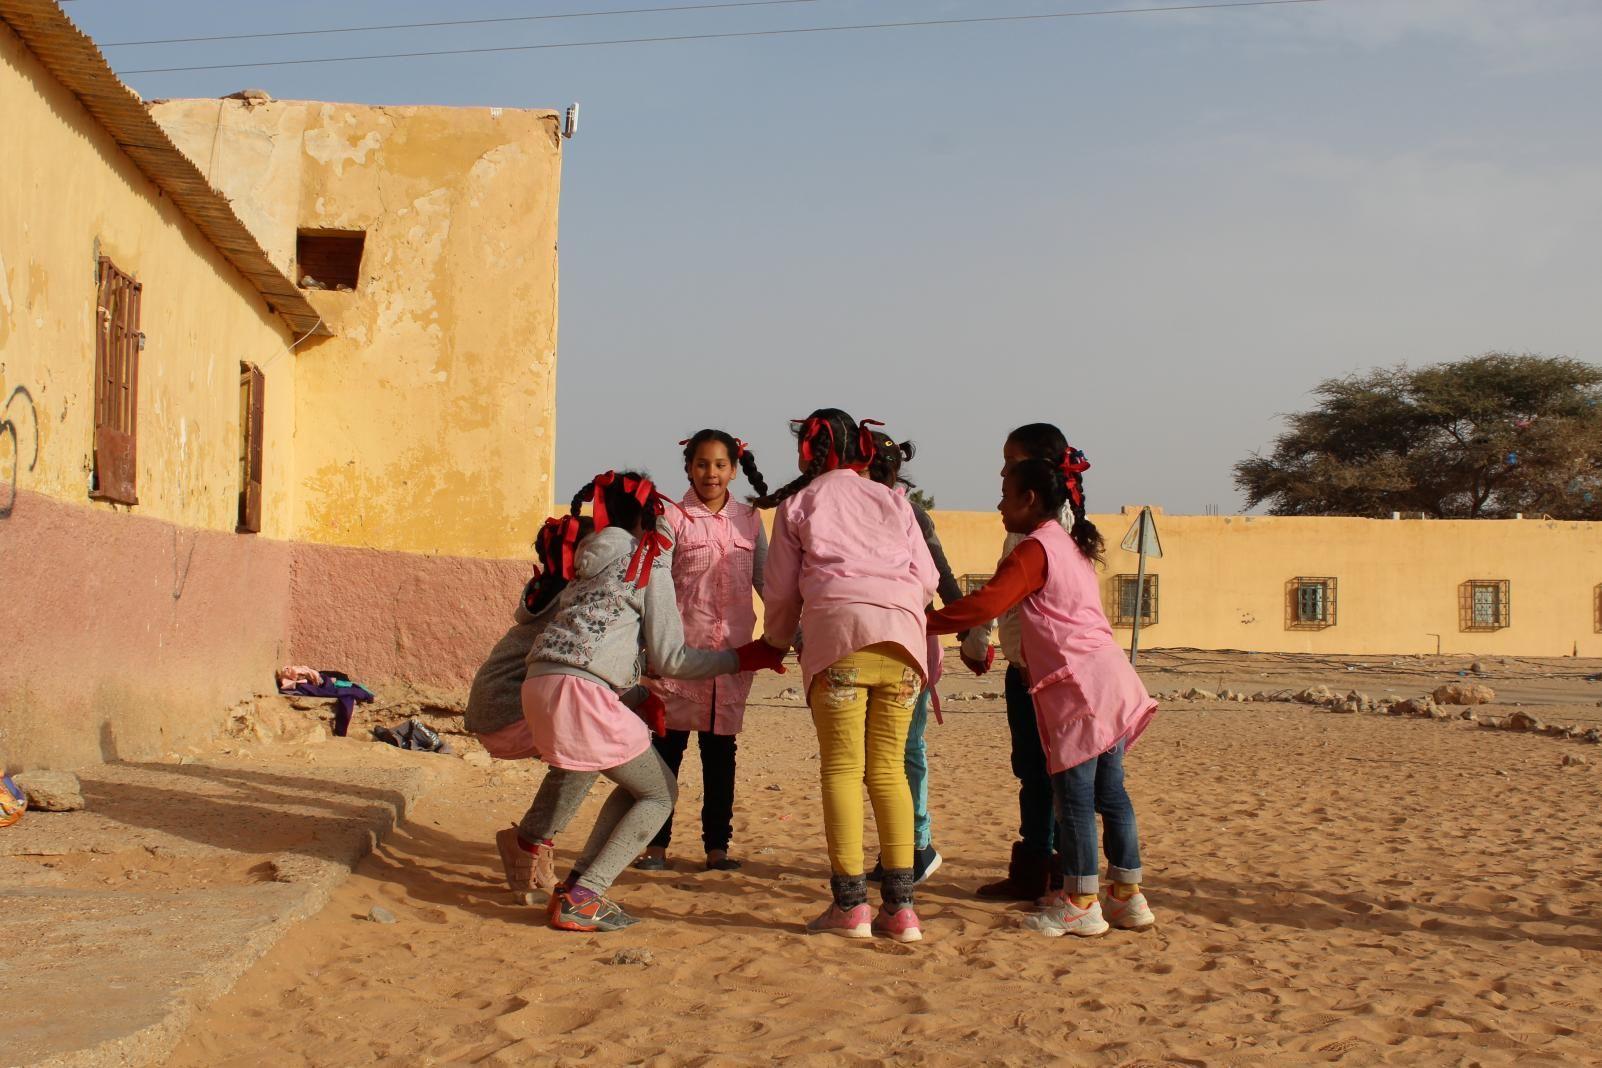 Le droit à l'éducation dans les camps de réfugiés sahraouis